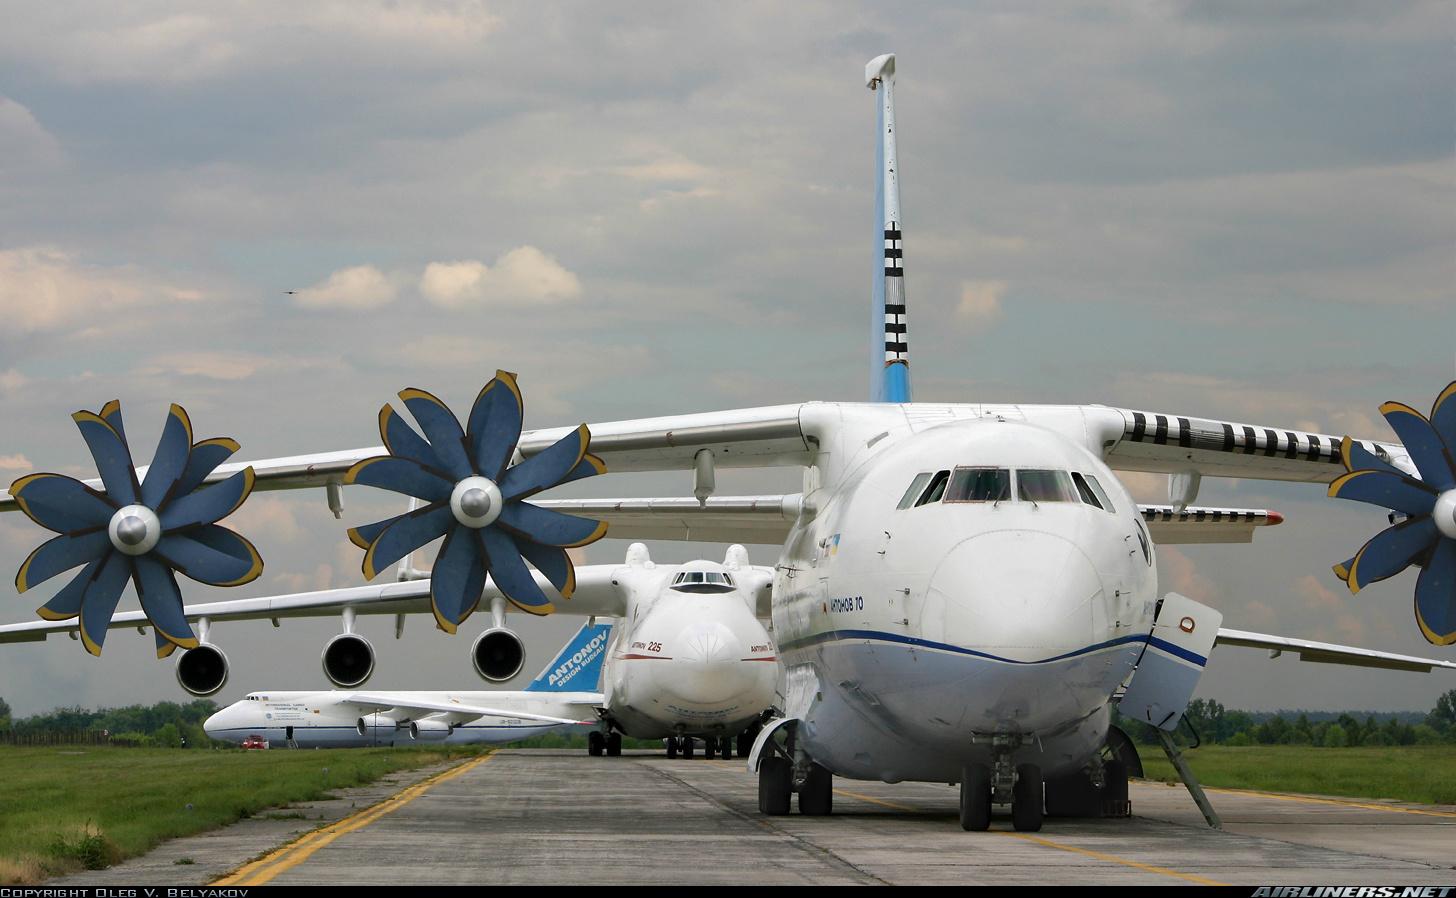 https://i1.wp.com/cdn-www.airliners.net/aviation-photos/photos/4/9/7/1174794.jpg